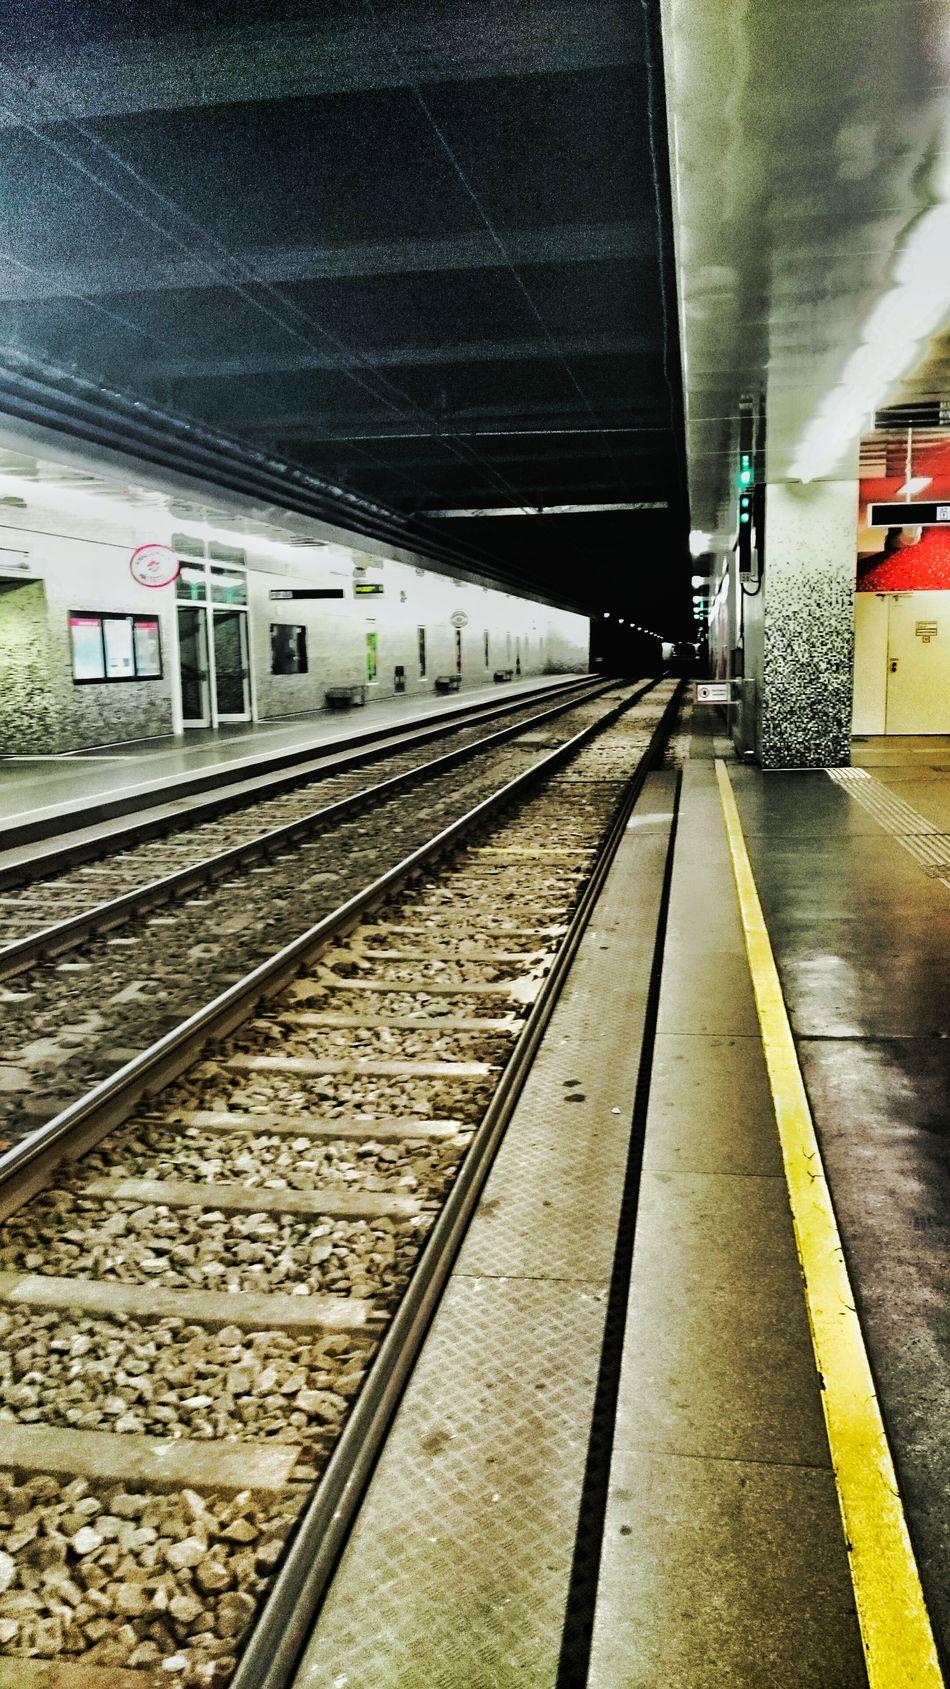 Taking Photos Ubahnwarten Ubahn Wien Ubahnflow Ubahnhof Ubahn Station Ubahn UbahnStation Subway Art Subway Subway Station Subwayphotography Ubah City Streets